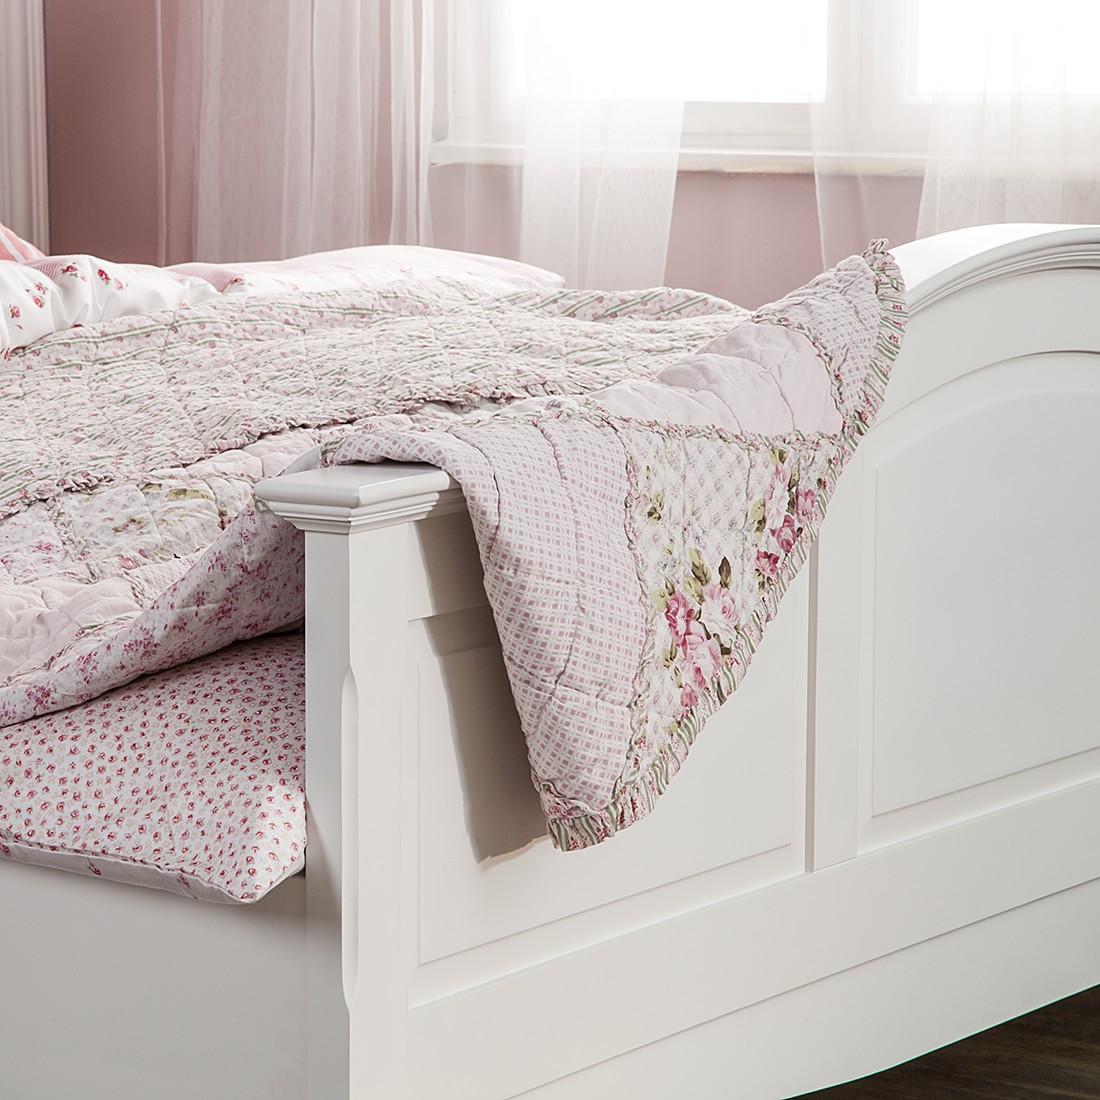 Bett aus der Serie Giselle in Weiß (140 x 200 cm) | home24